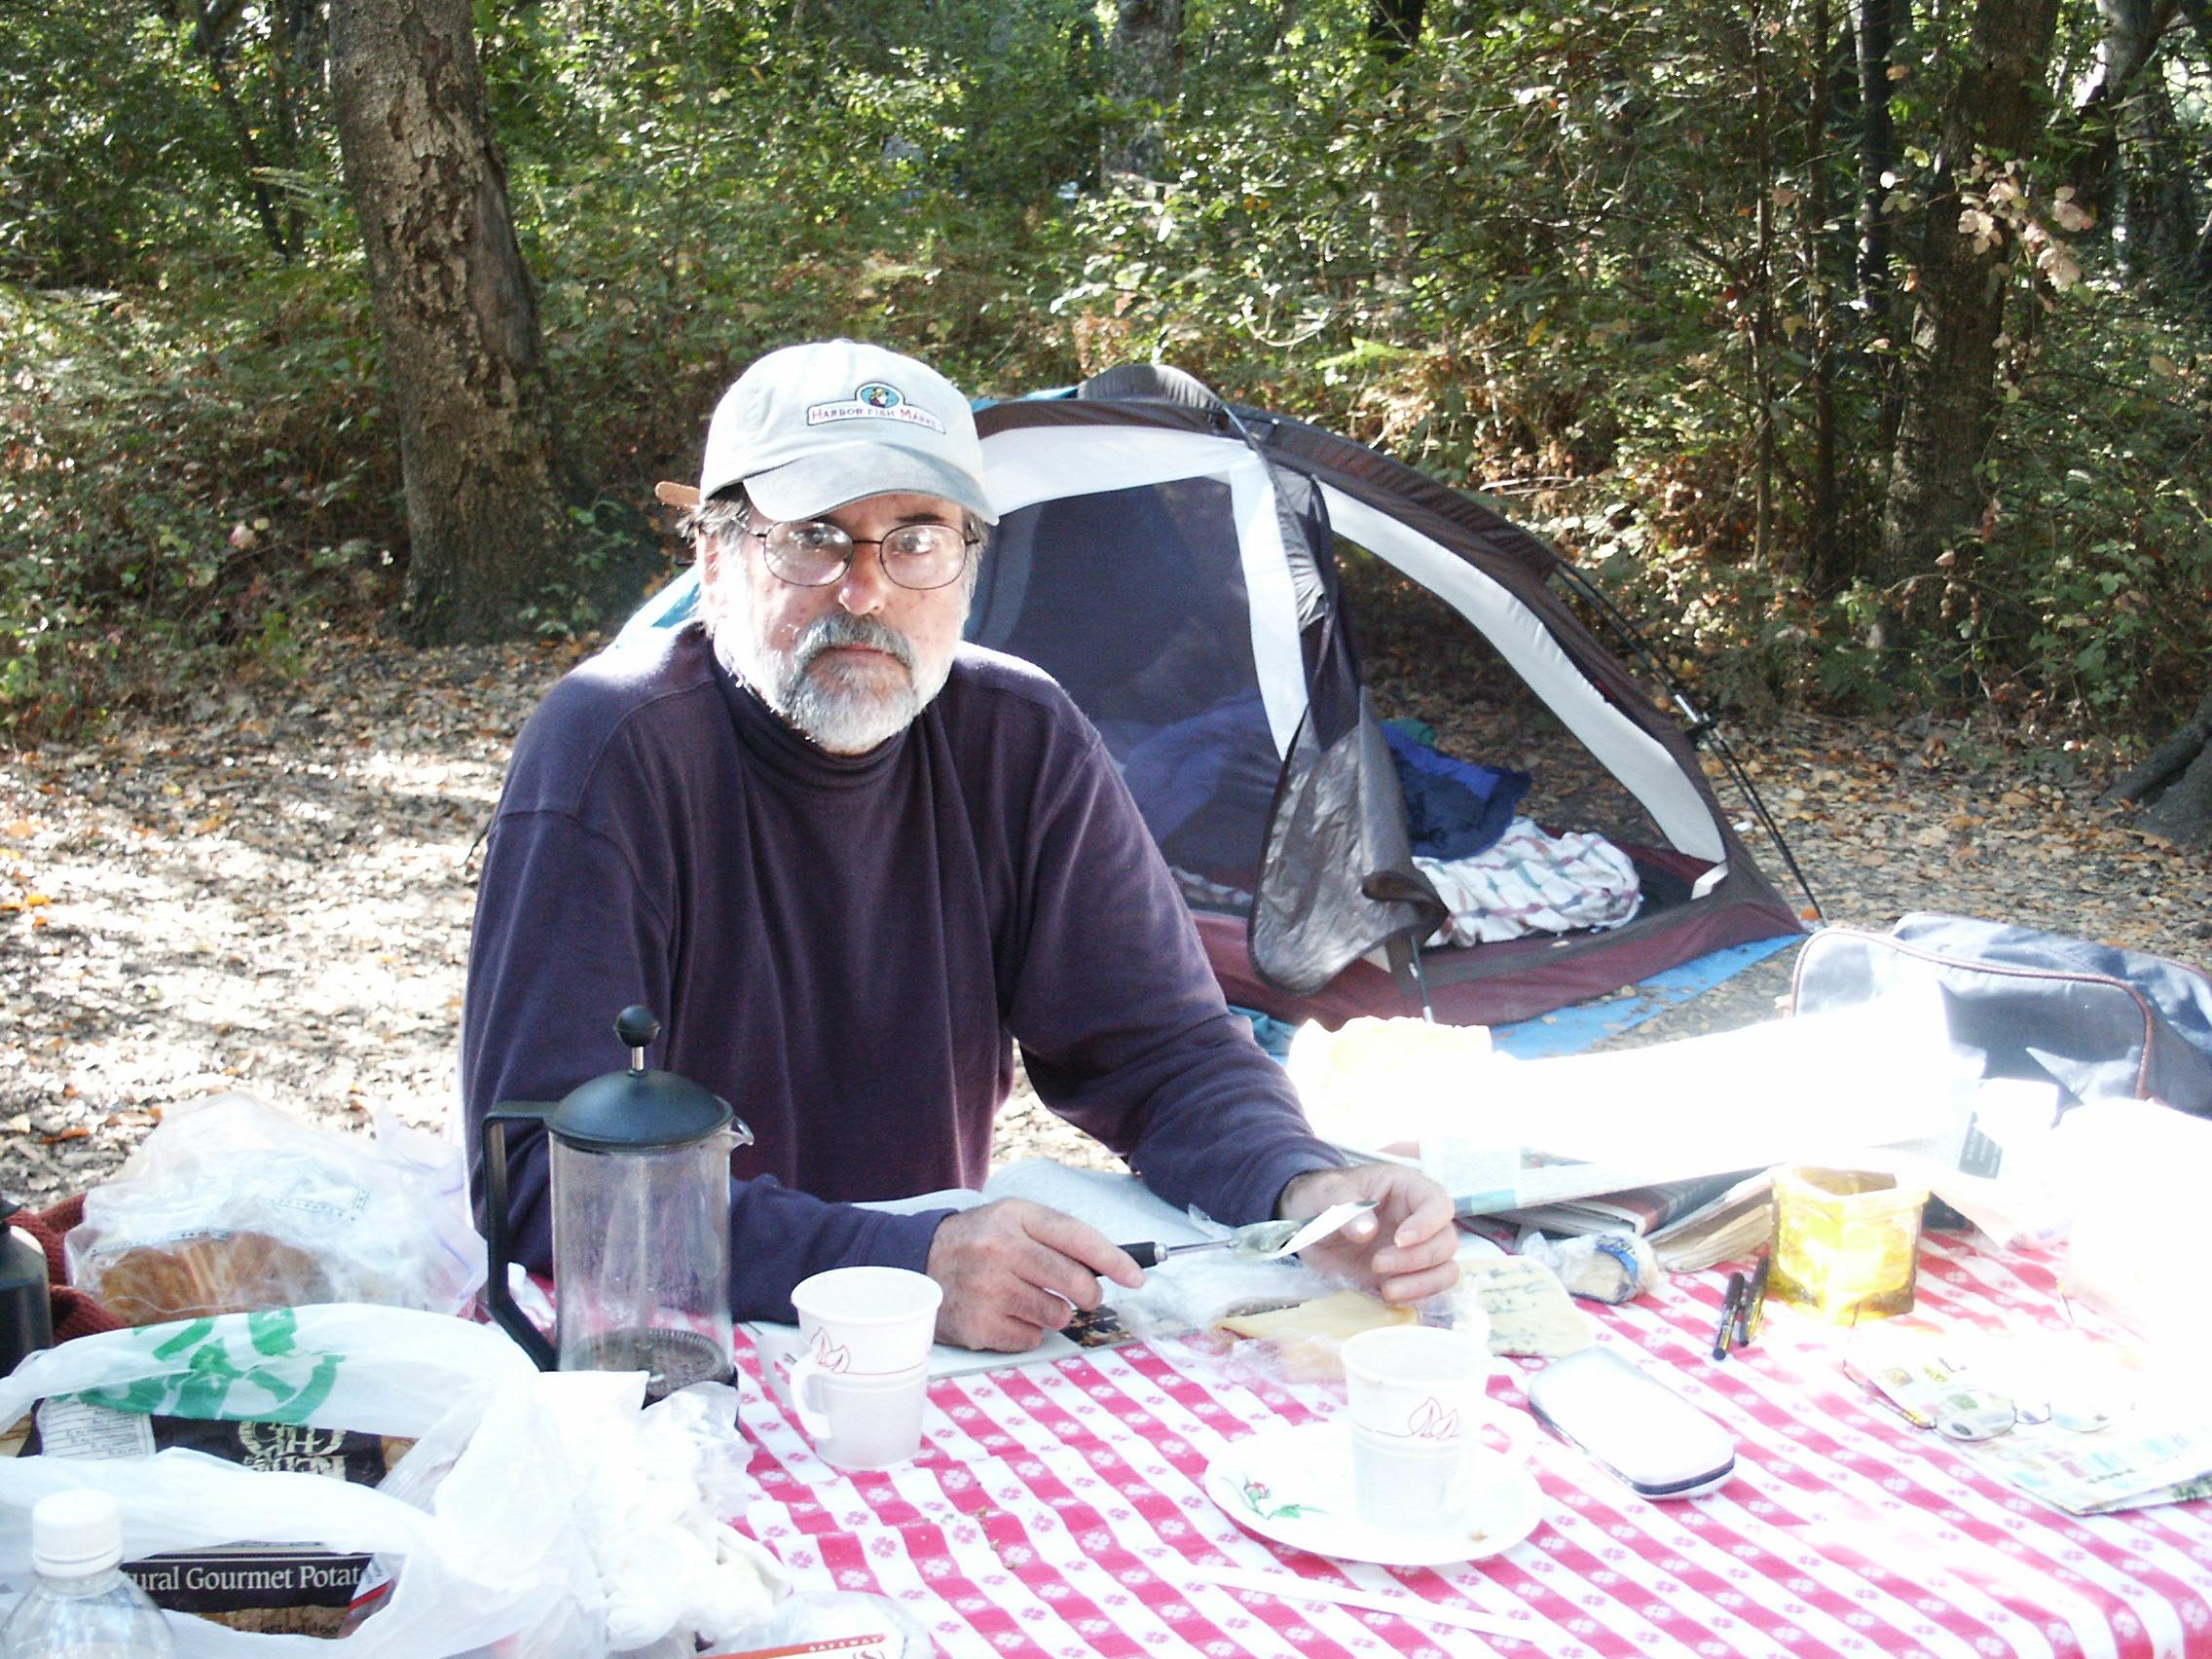 jockatbreakfastbigsurseptember2003.jpg